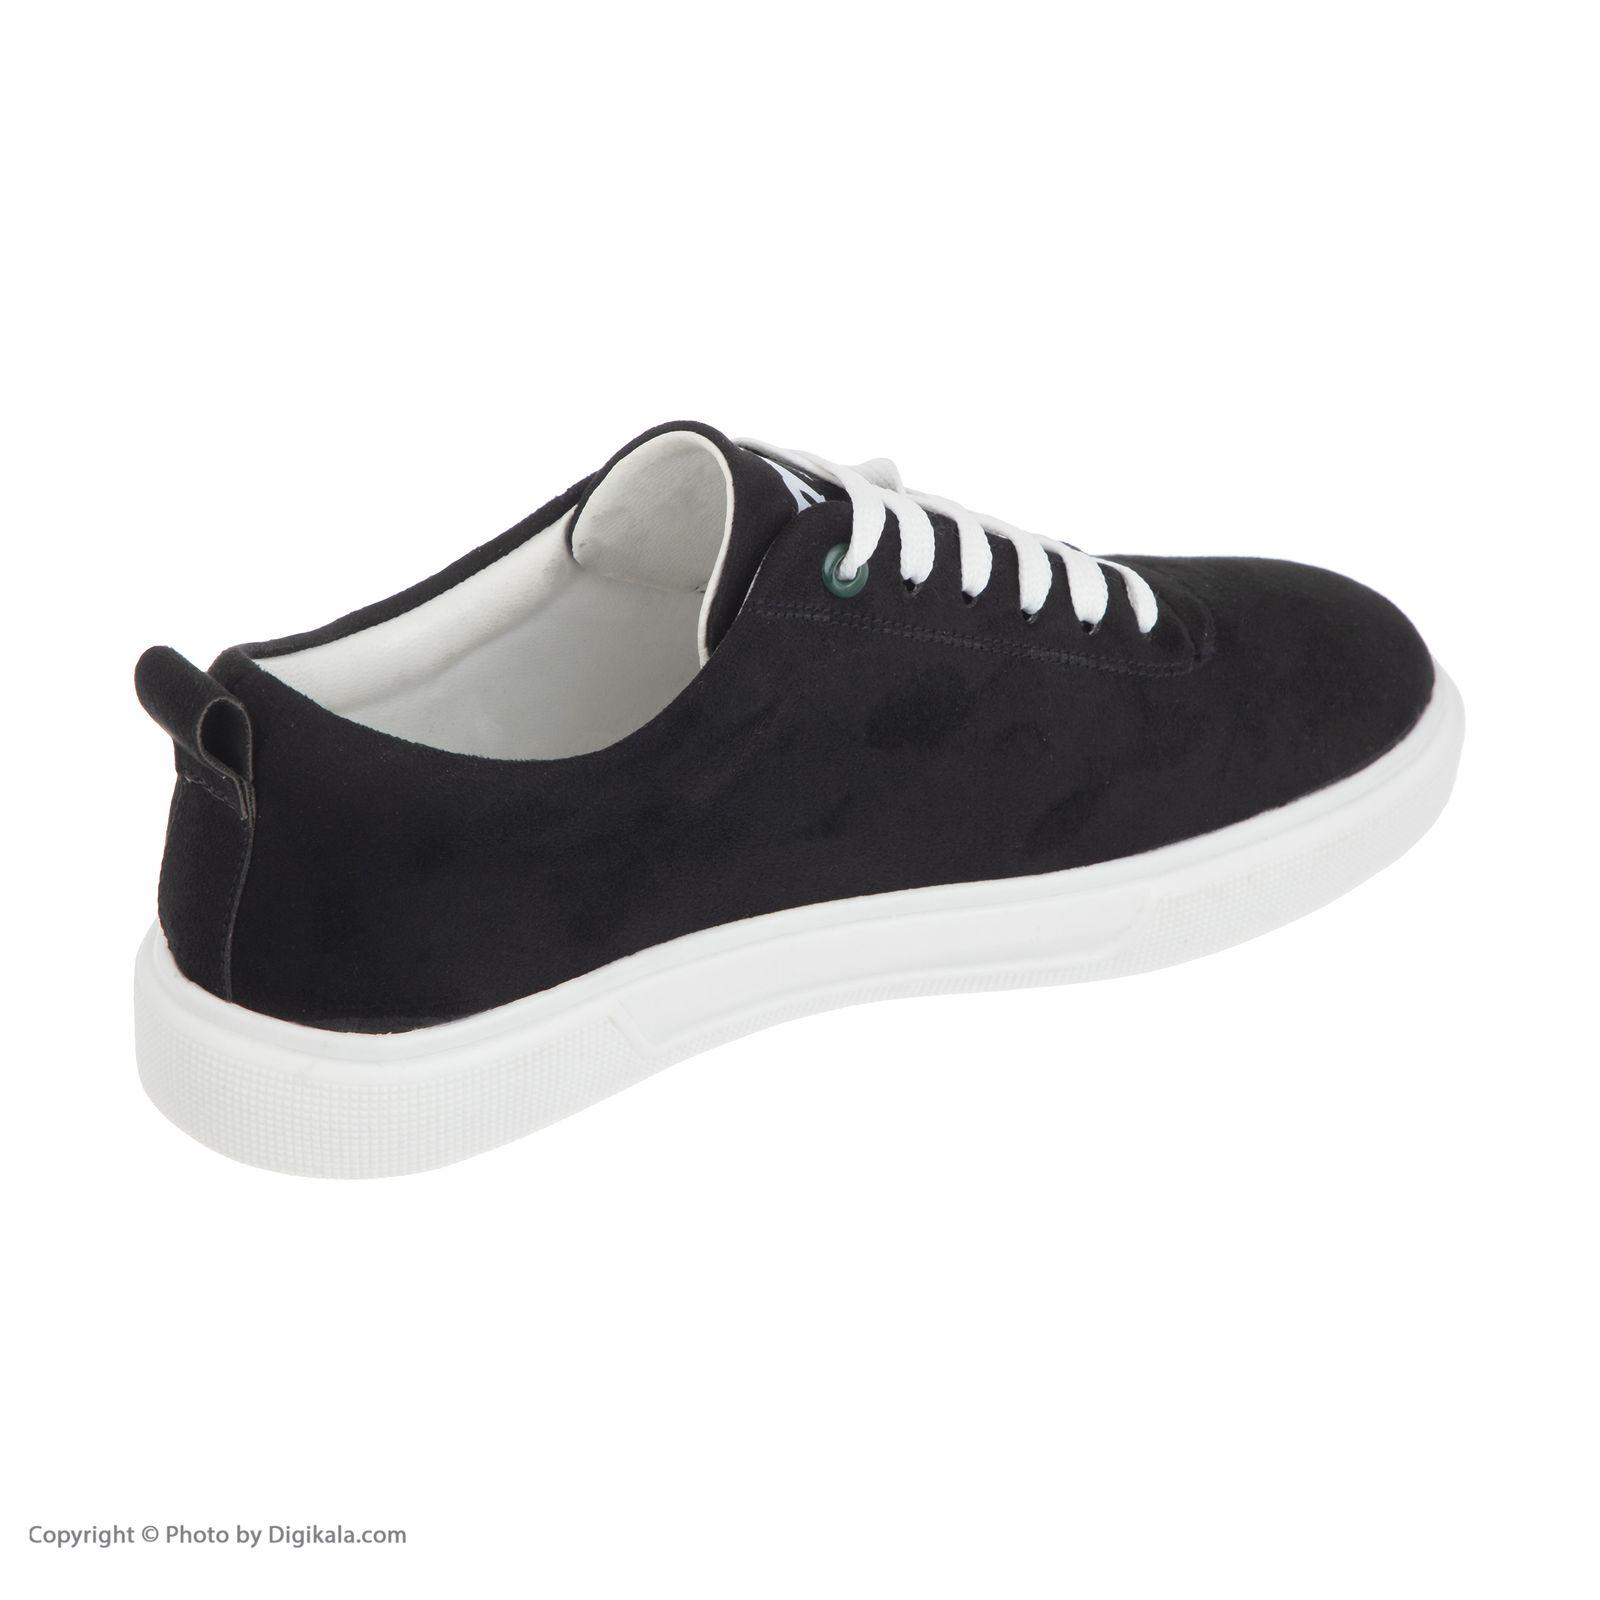 کفش راحتی زنانه آر اِن اِس مدل 113002-99 -  - 6